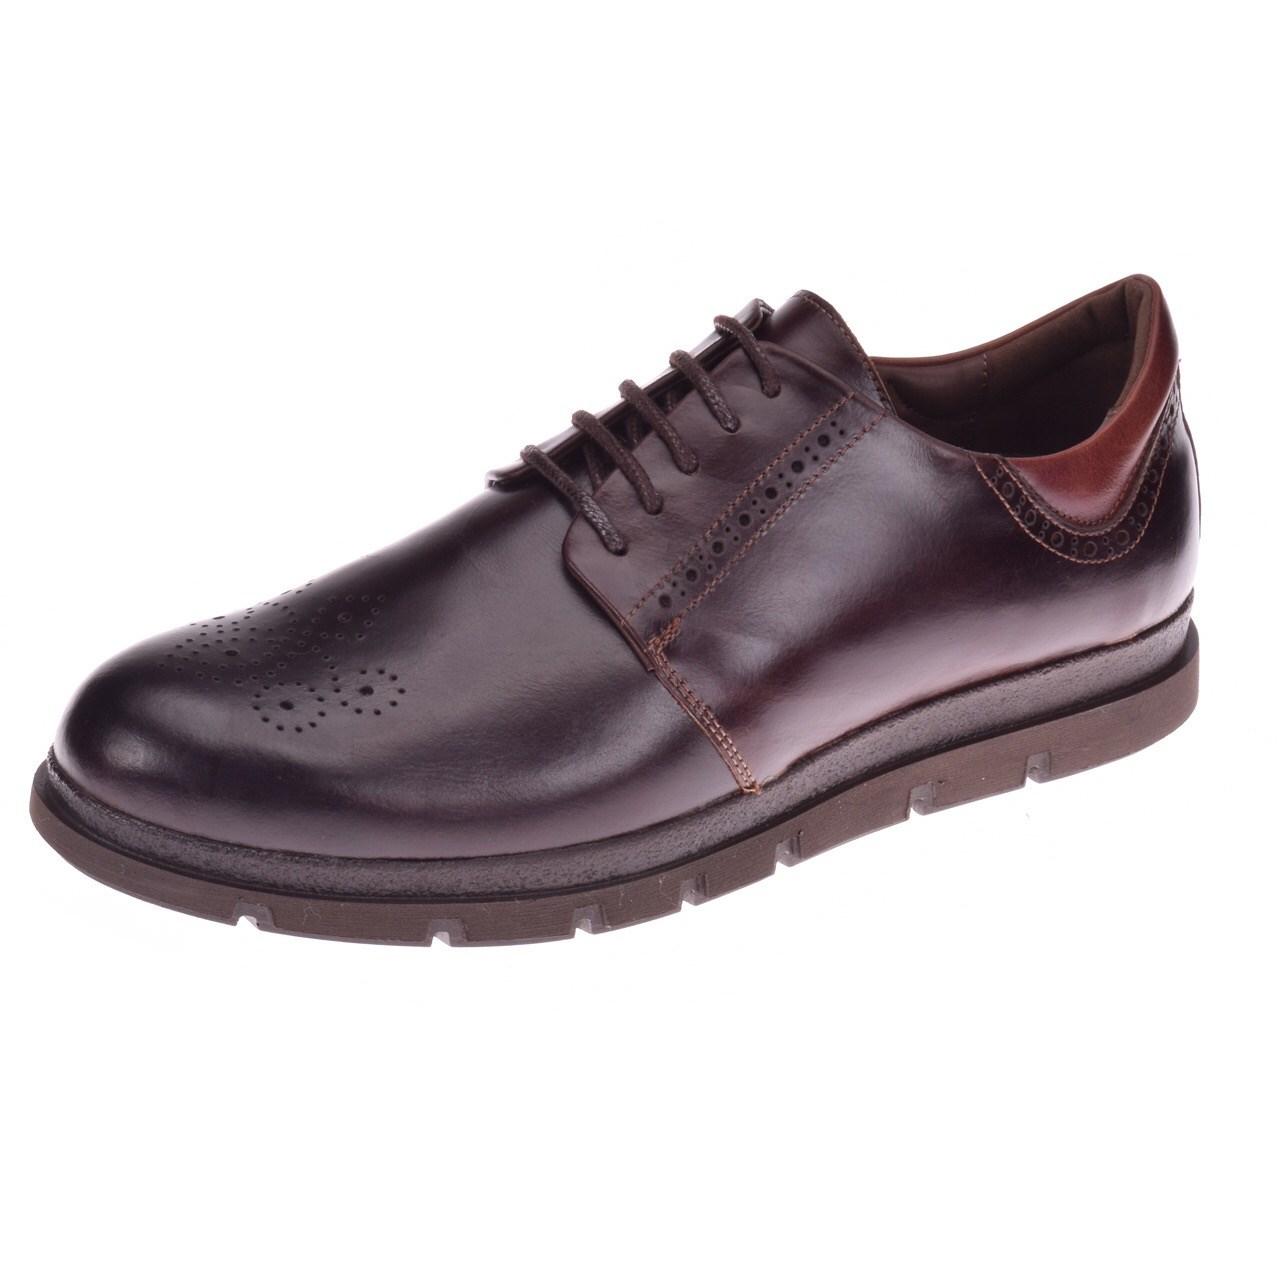 کفش مردانه پانیسا مدل Bush Flower-C